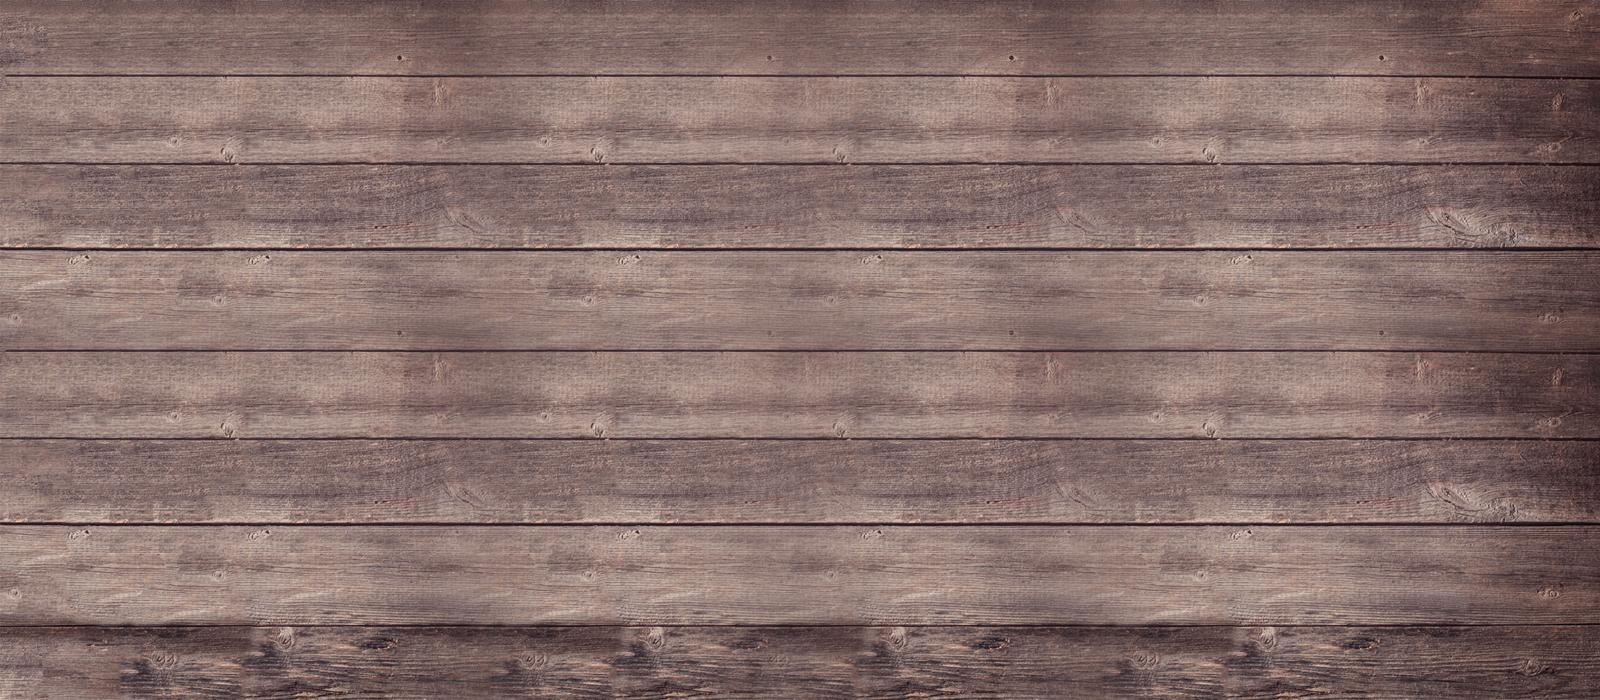 robson_ukulele_bkg_wood.jpg